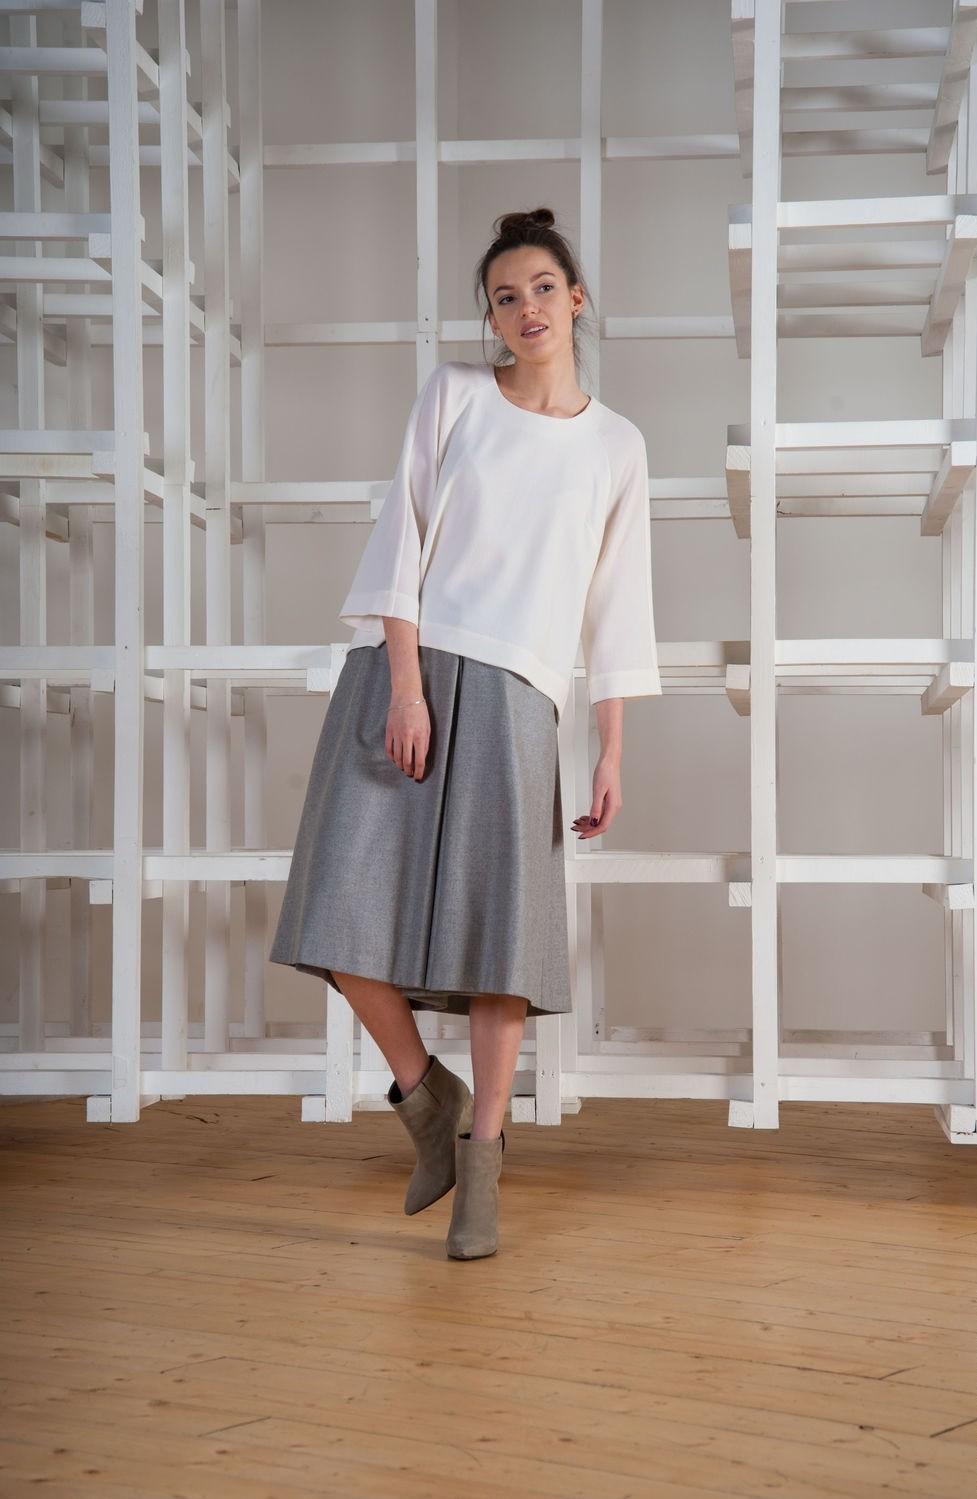 с чем носить серую юбку: юбка шорты серая по колено кофта белая